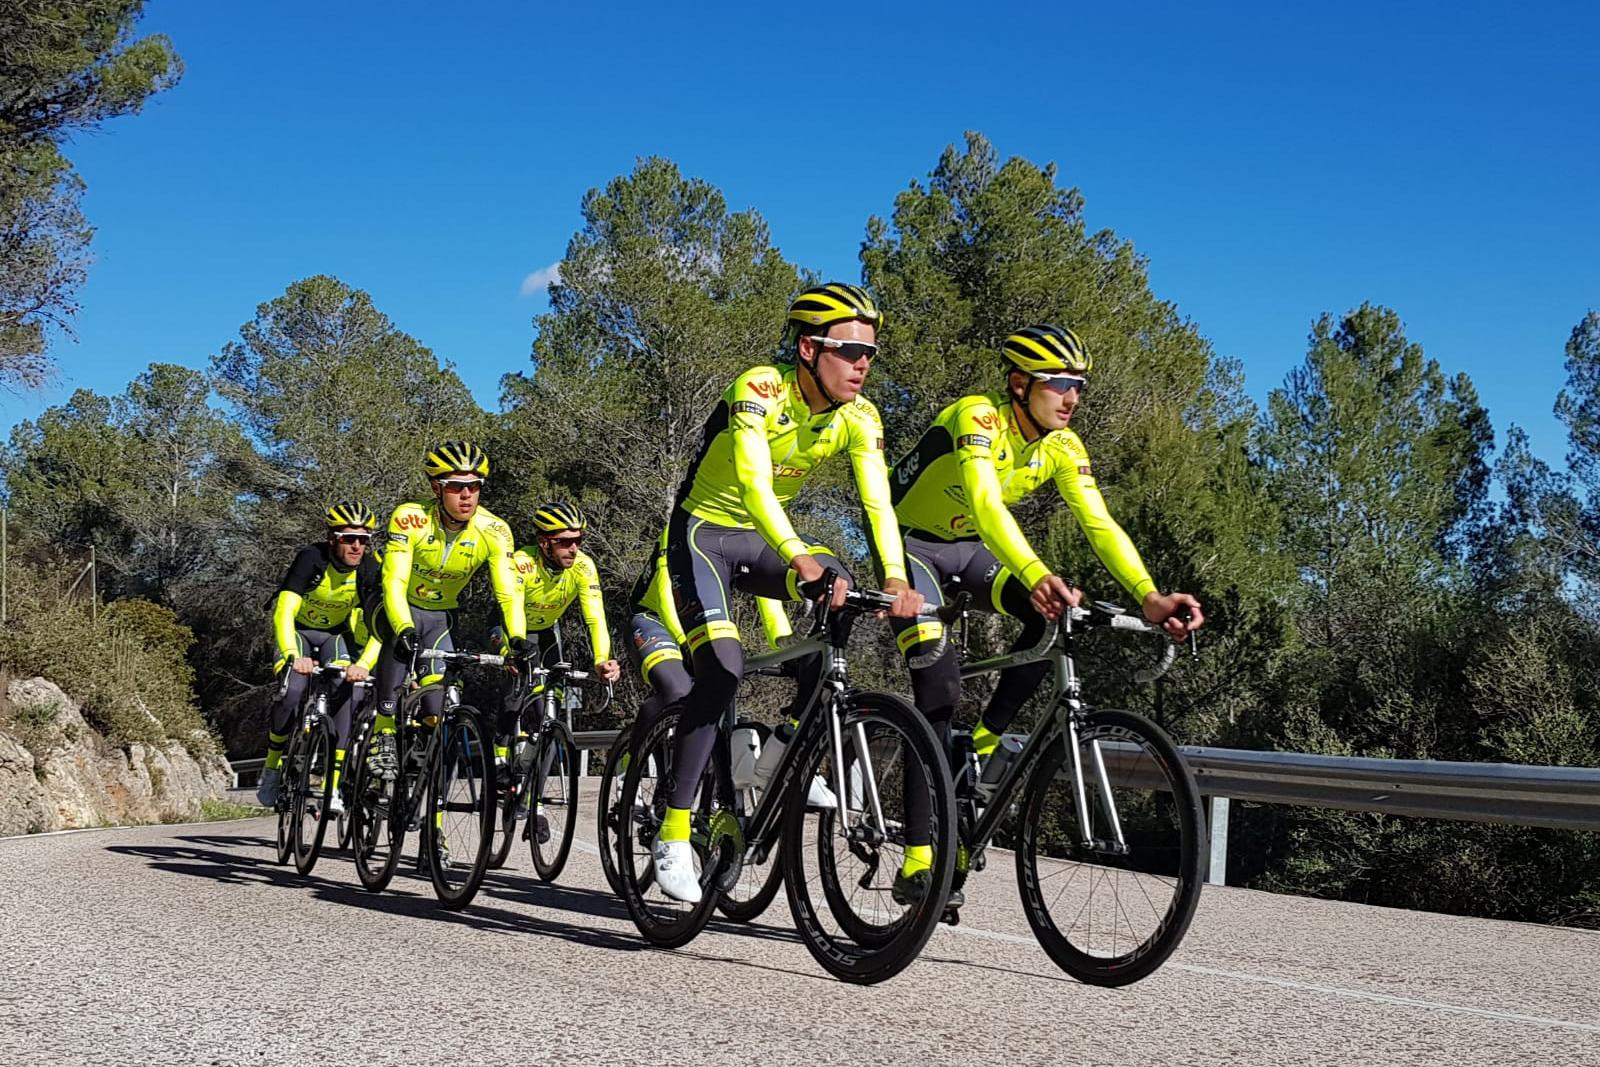 Wallonie Bruxelles Cycling Team